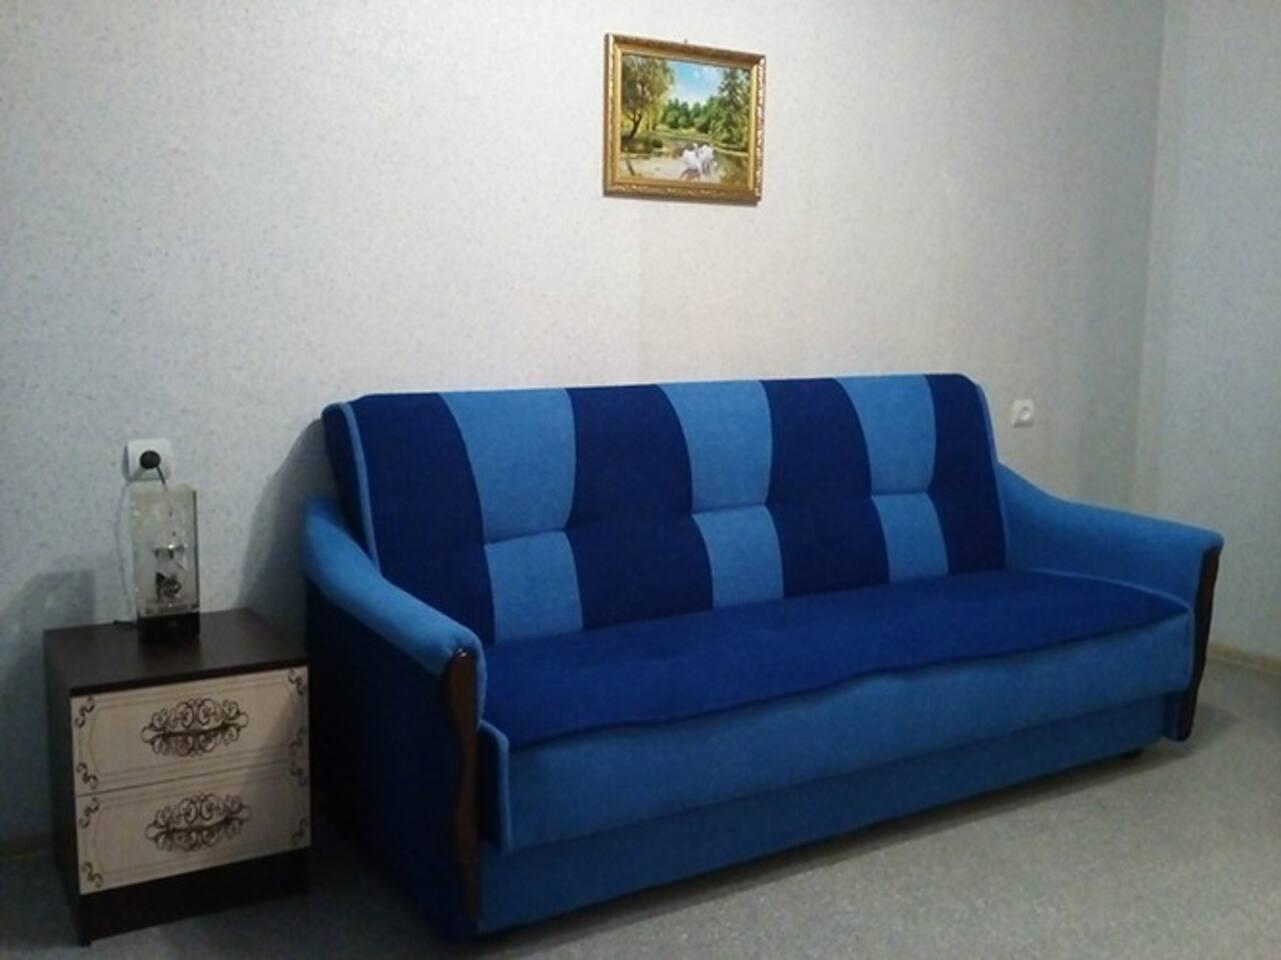 Мягкий, удобный диван-кровать на 2 человека